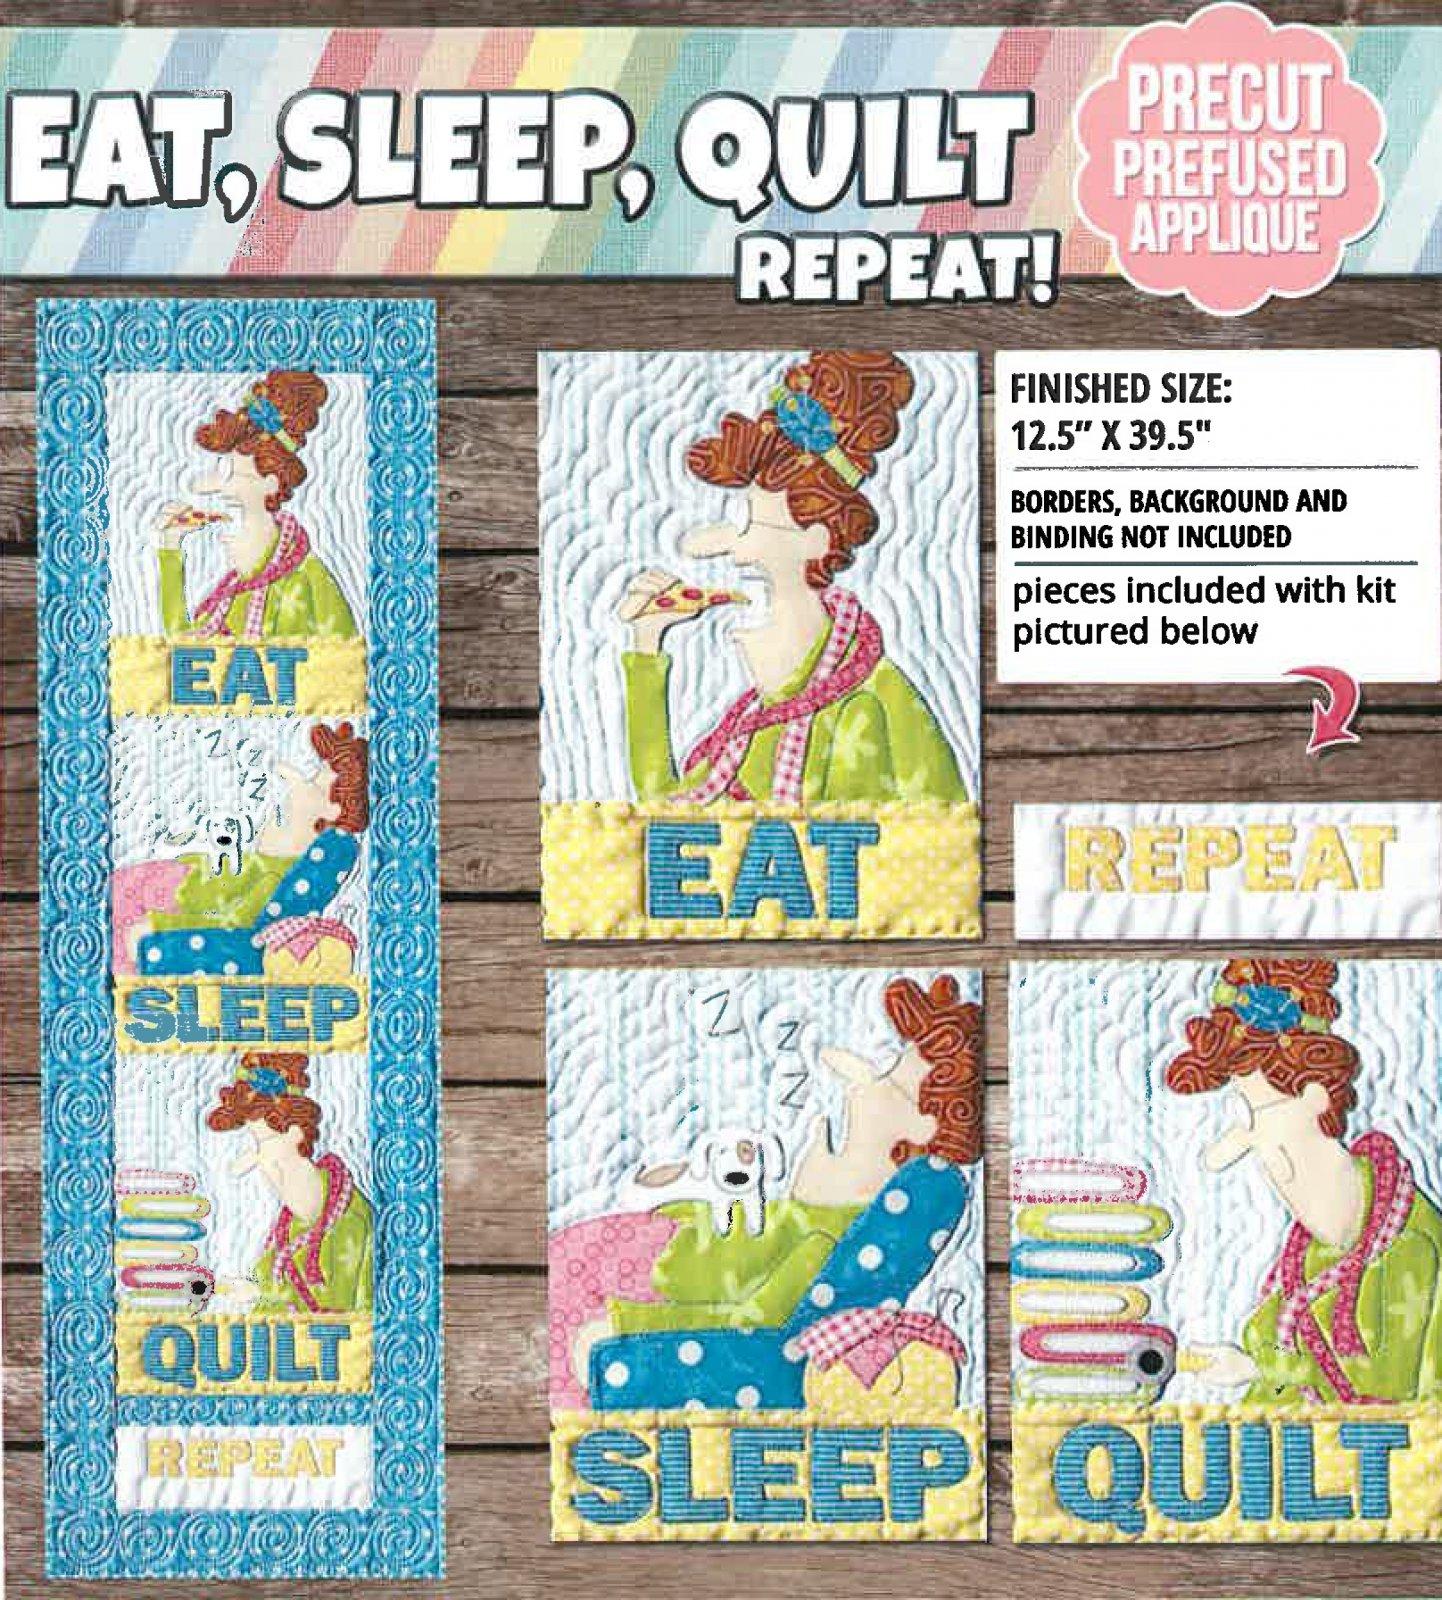 Eat, Sleep, Quilt Repeat